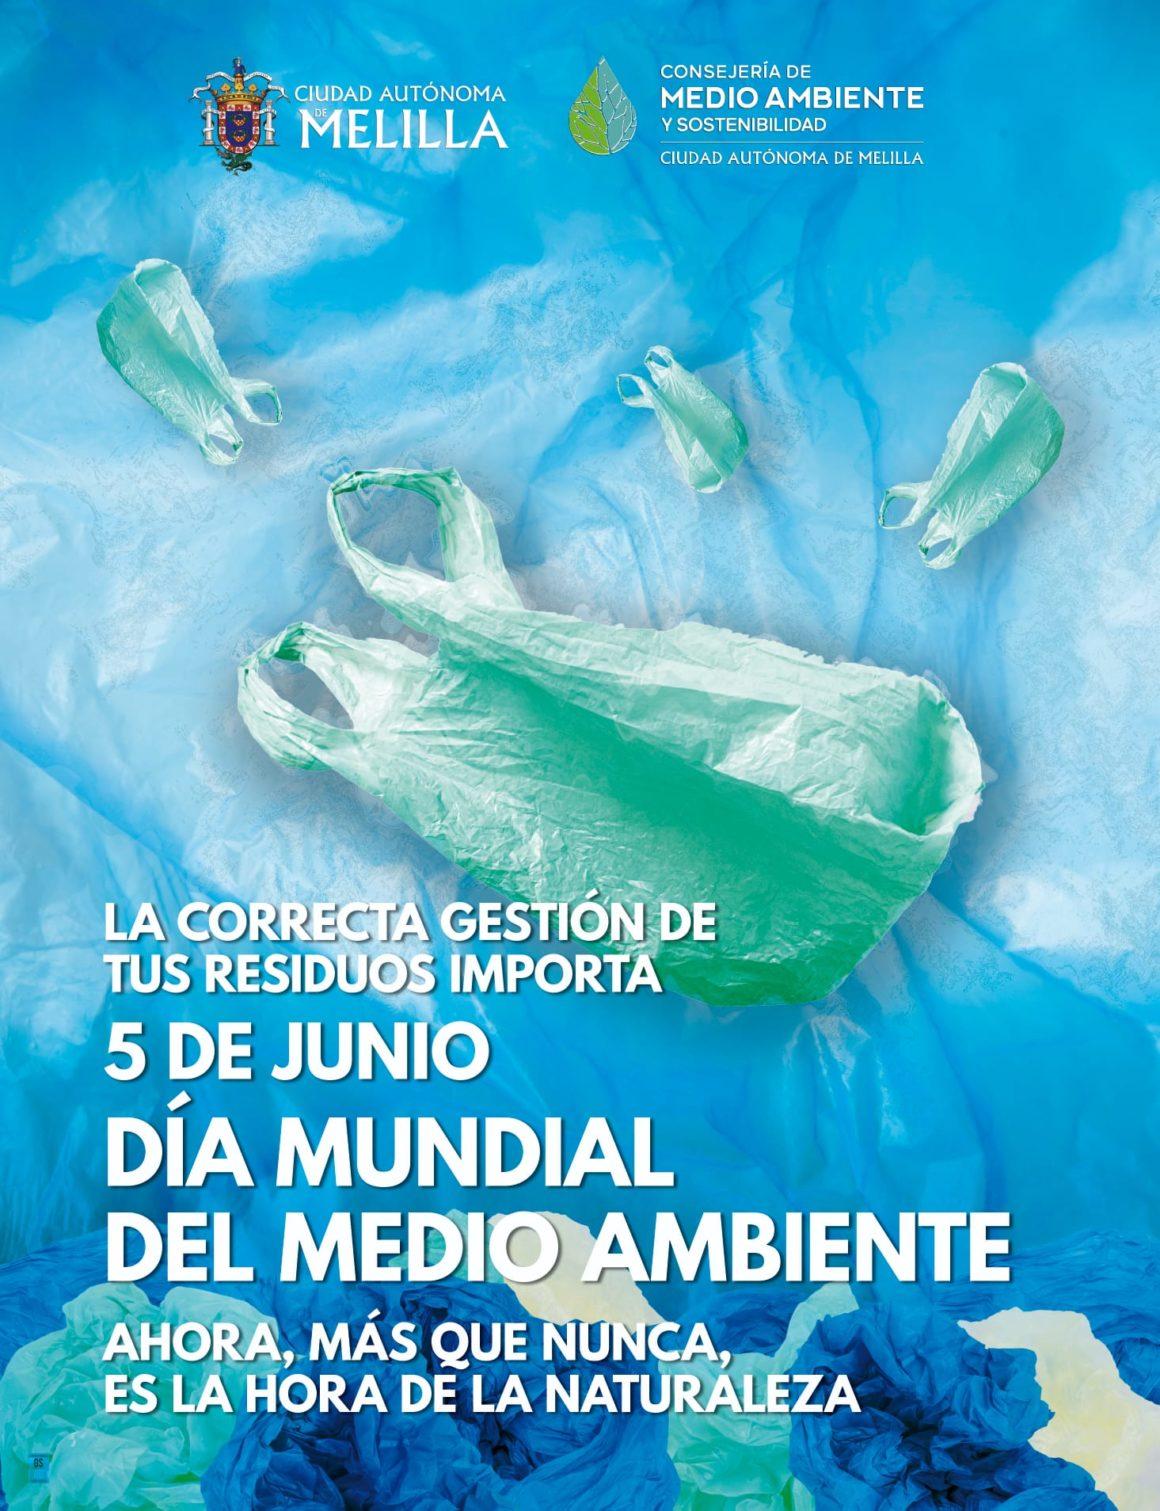 Melilla conmemora el Día Mundial del Medio Ambiente con la puesta en marcha de una aplicación de reciclaje o el apadrinamiento de árboles